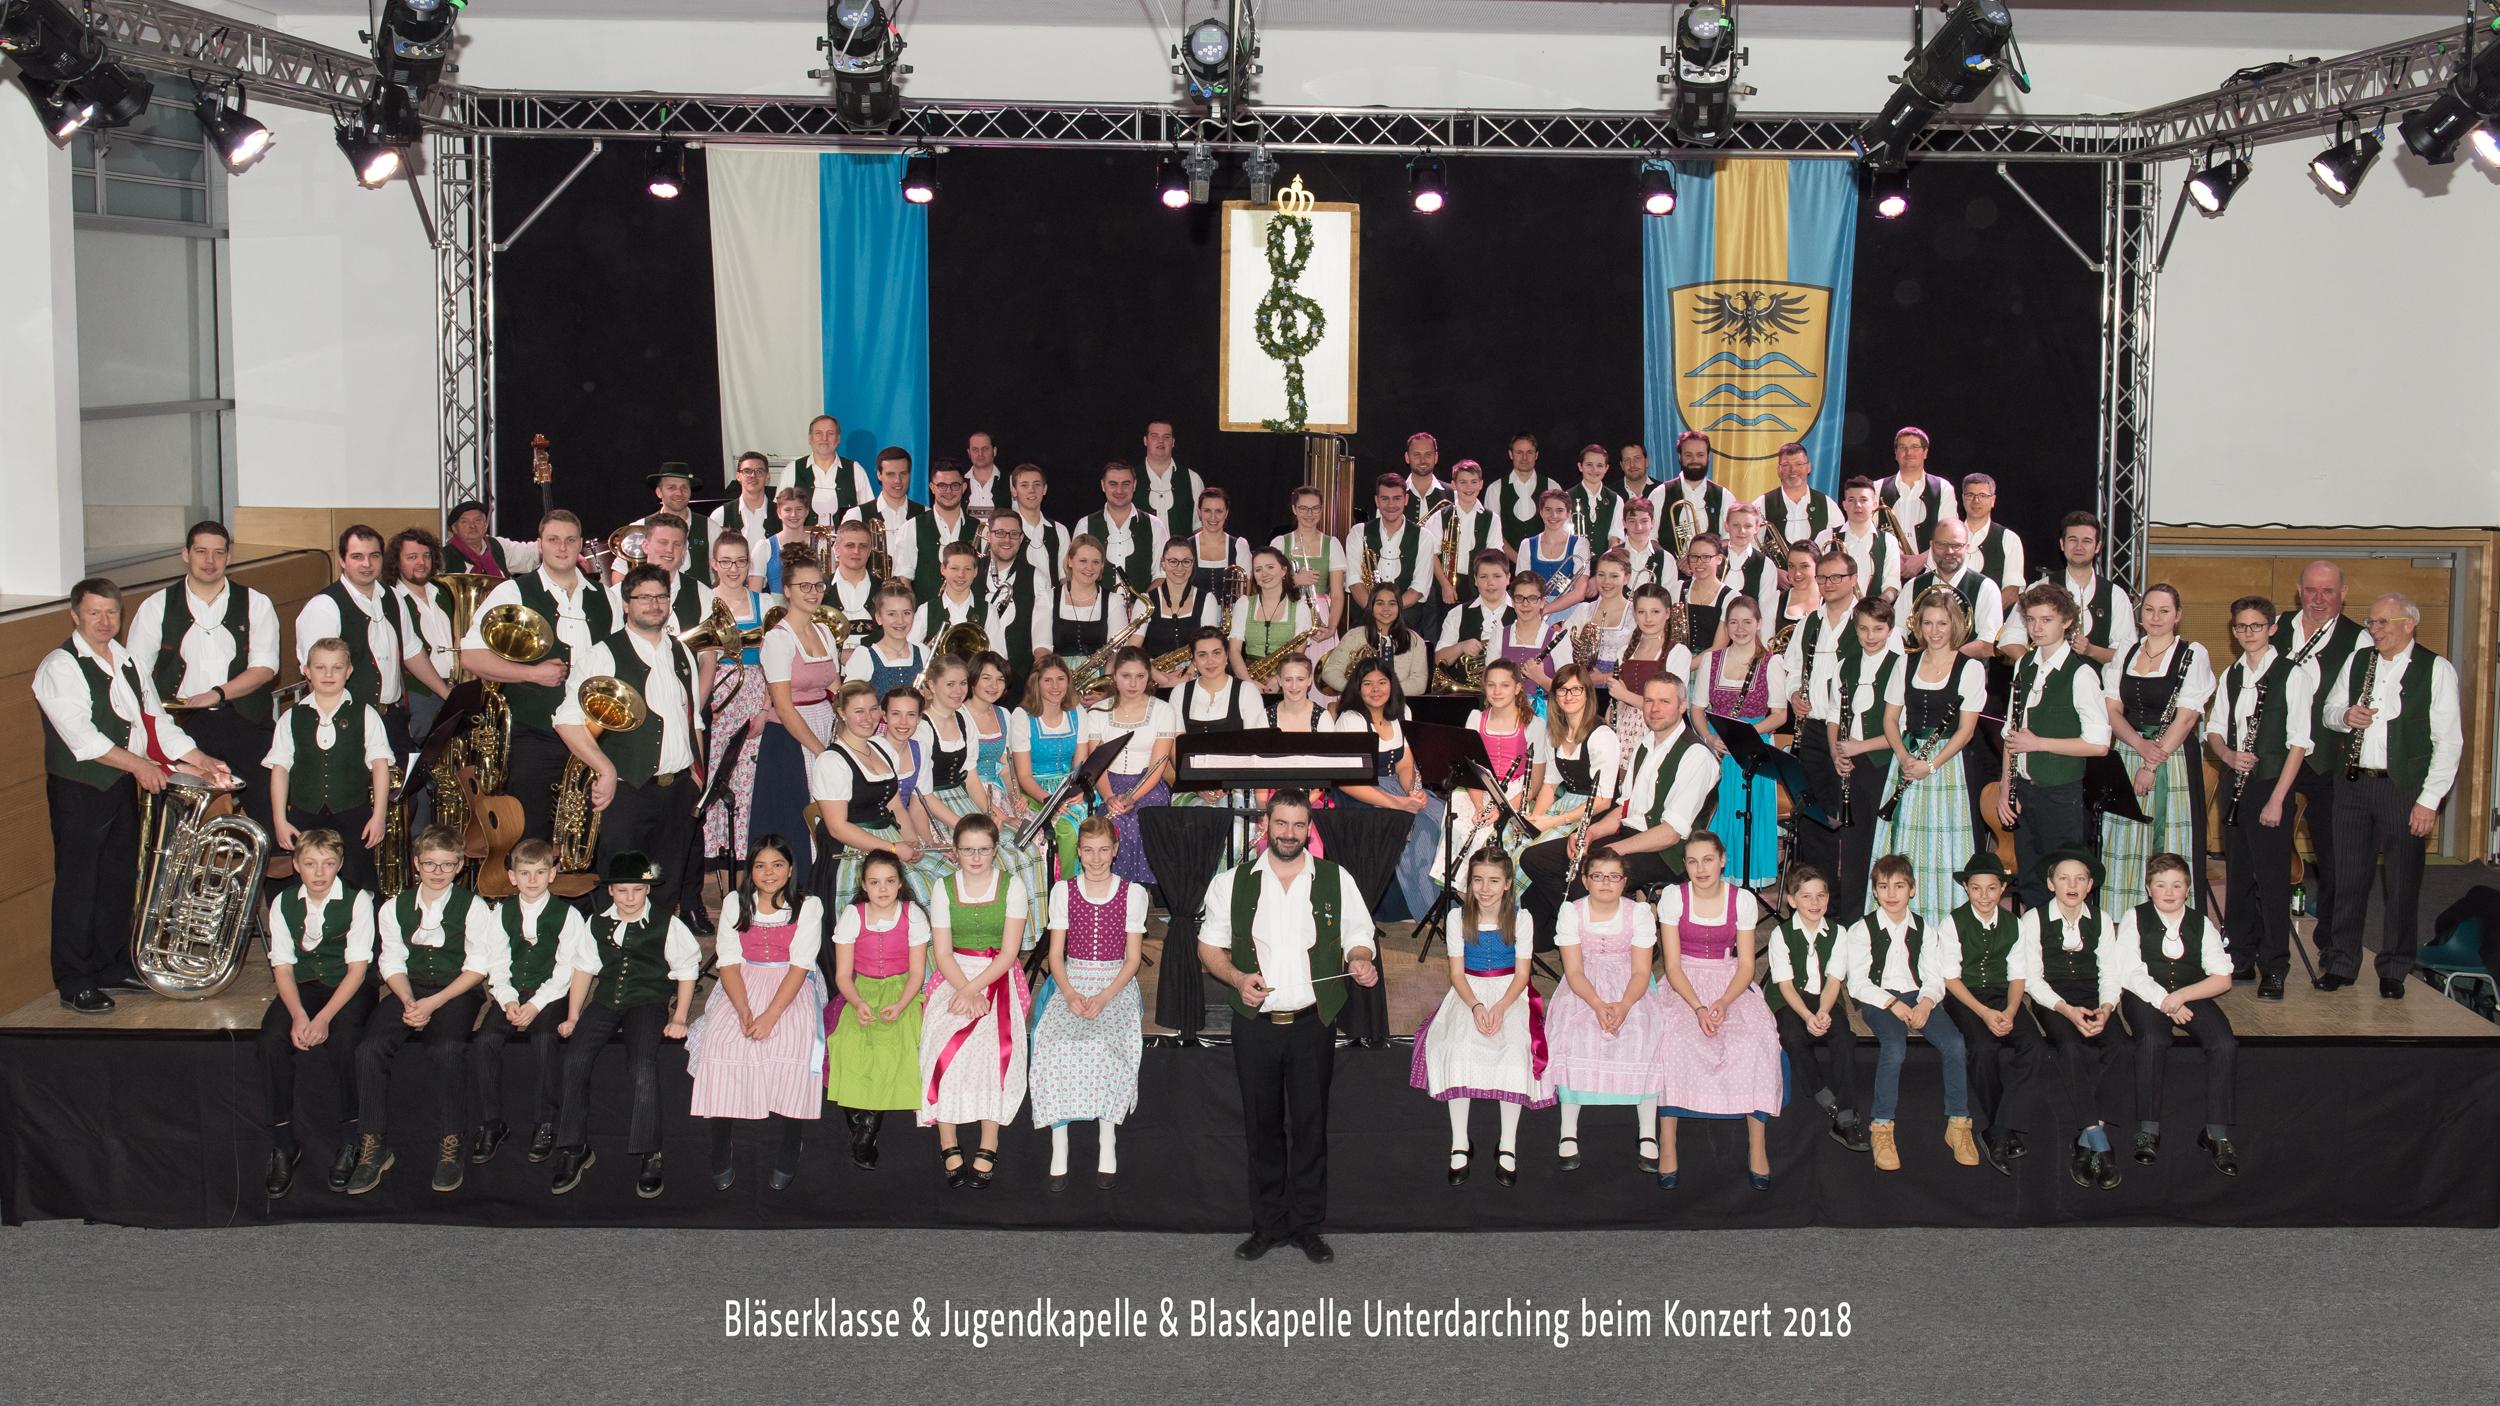 Konzert der Blaskapelle Unterdarching 2018